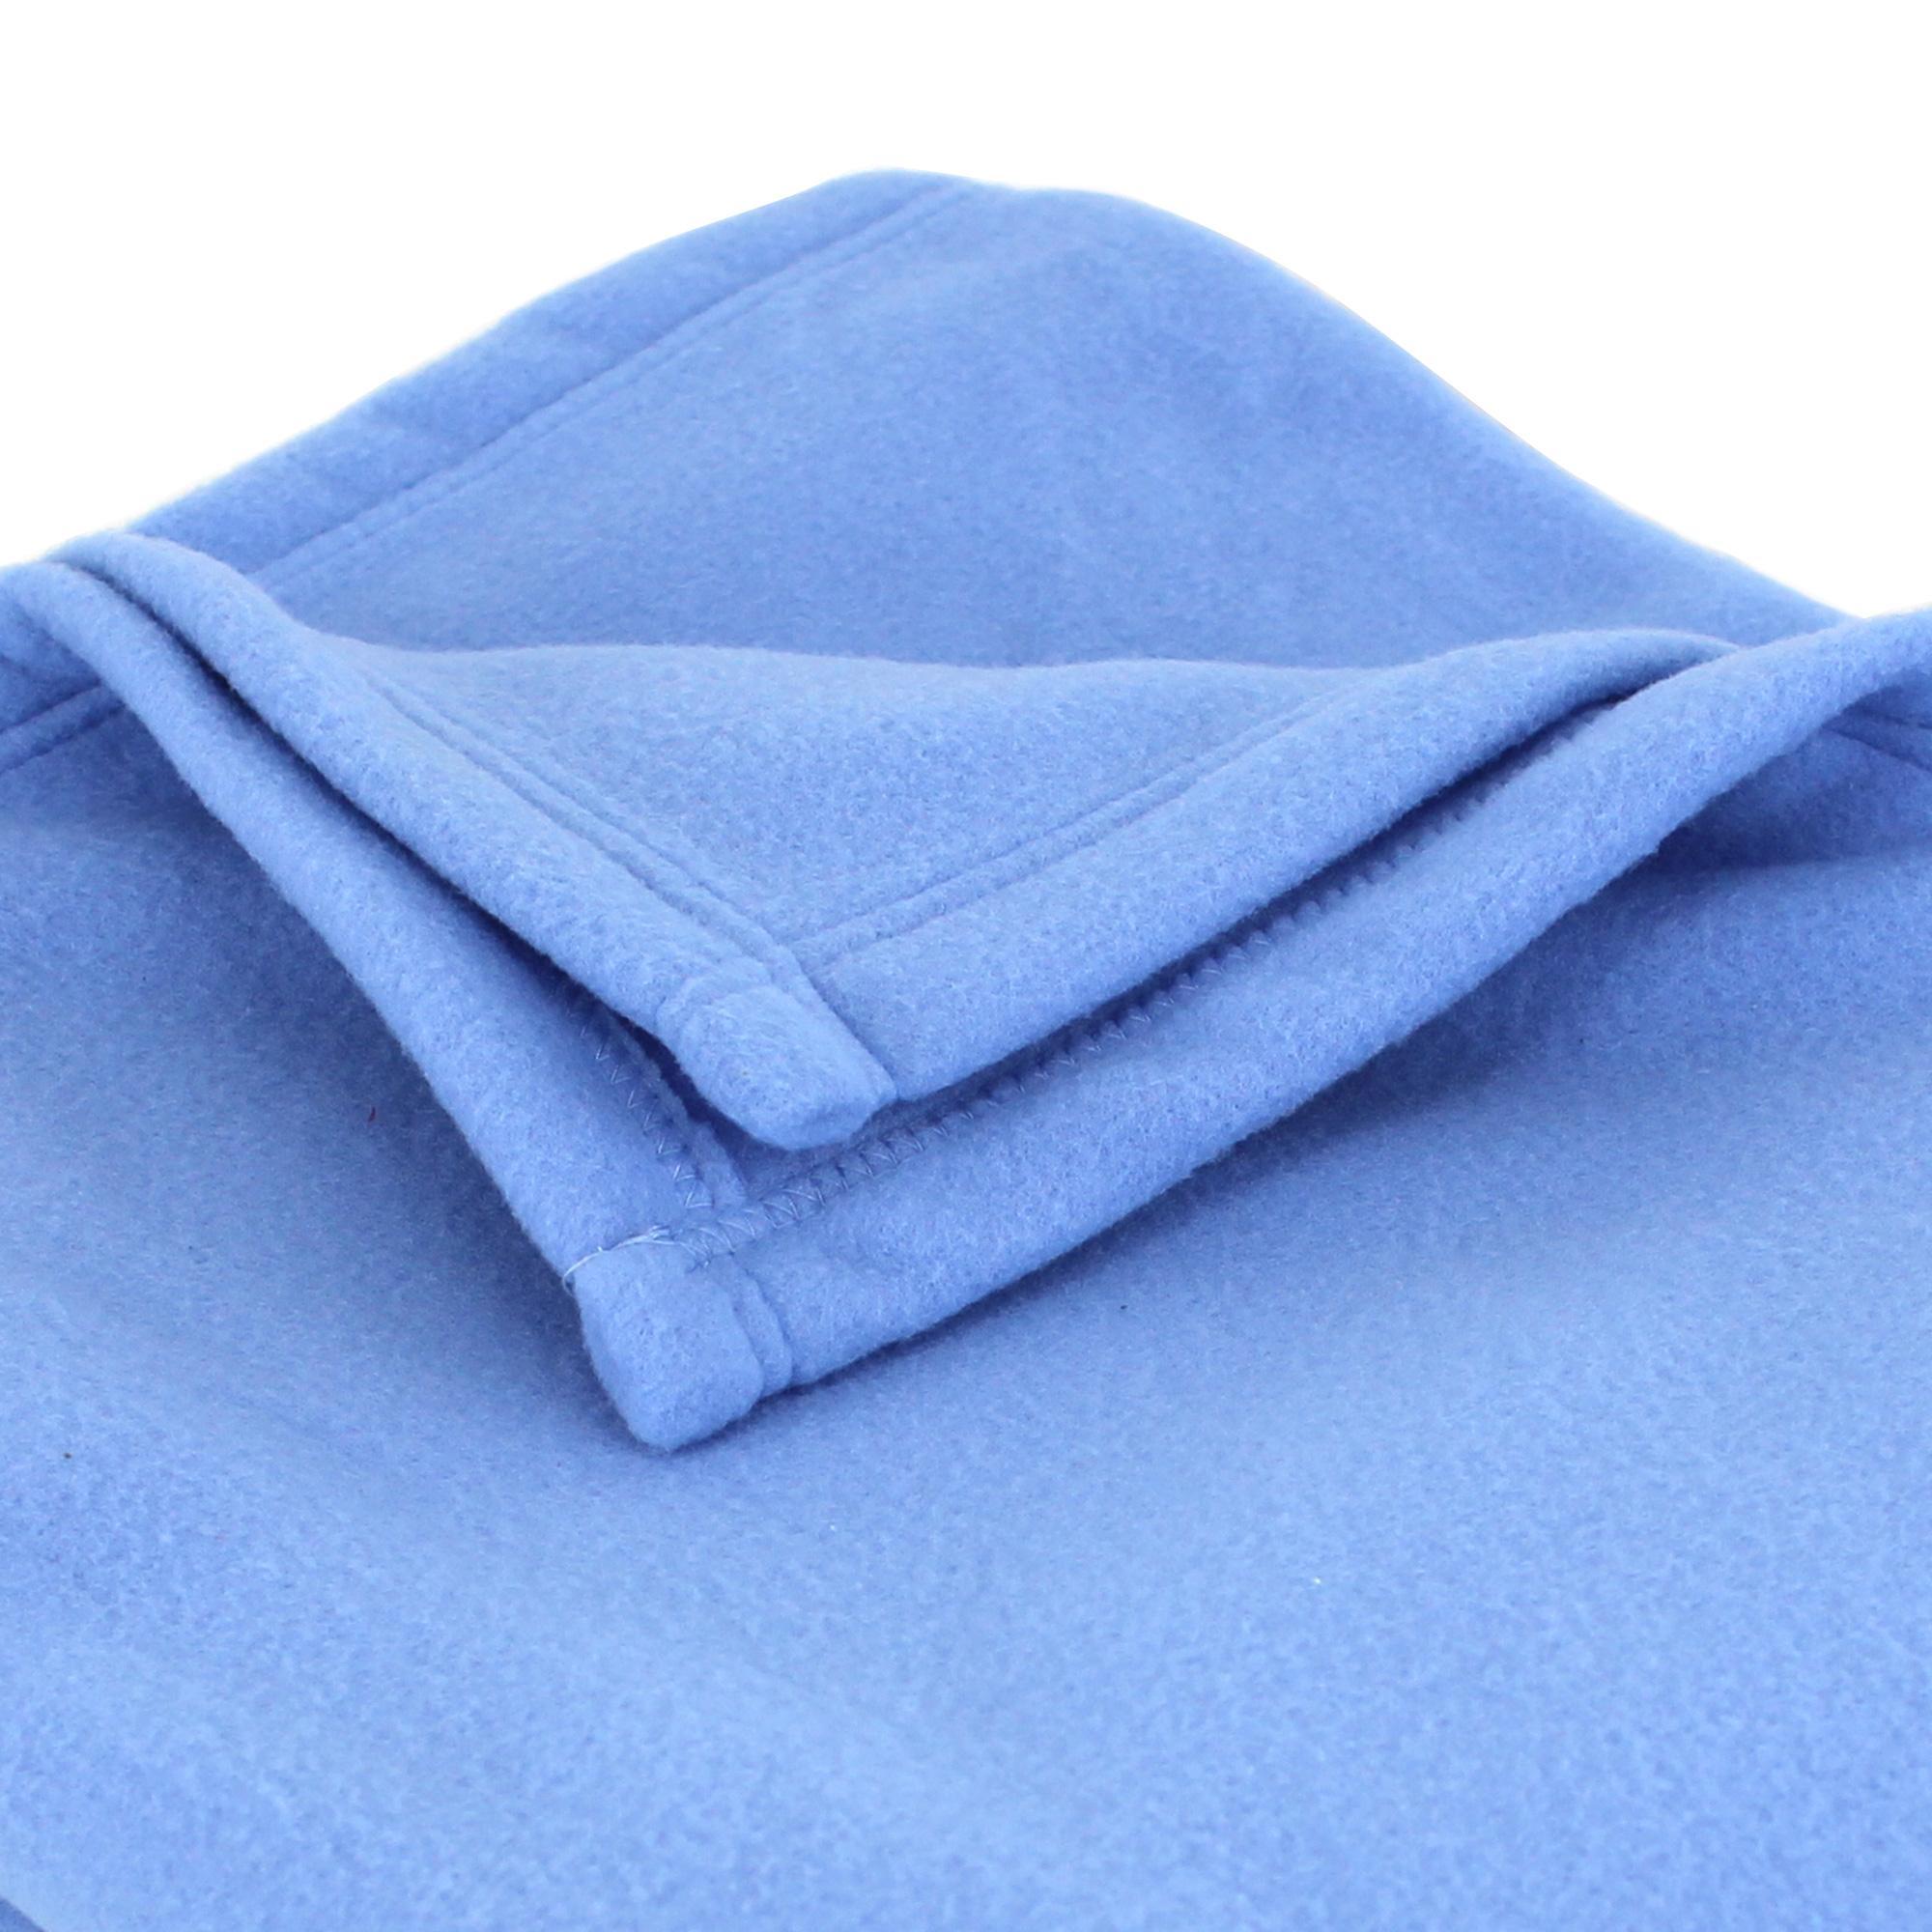 couverture polaire polyester 240x260 cm teddy azur linnea linge de maison et. Black Bedroom Furniture Sets. Home Design Ideas